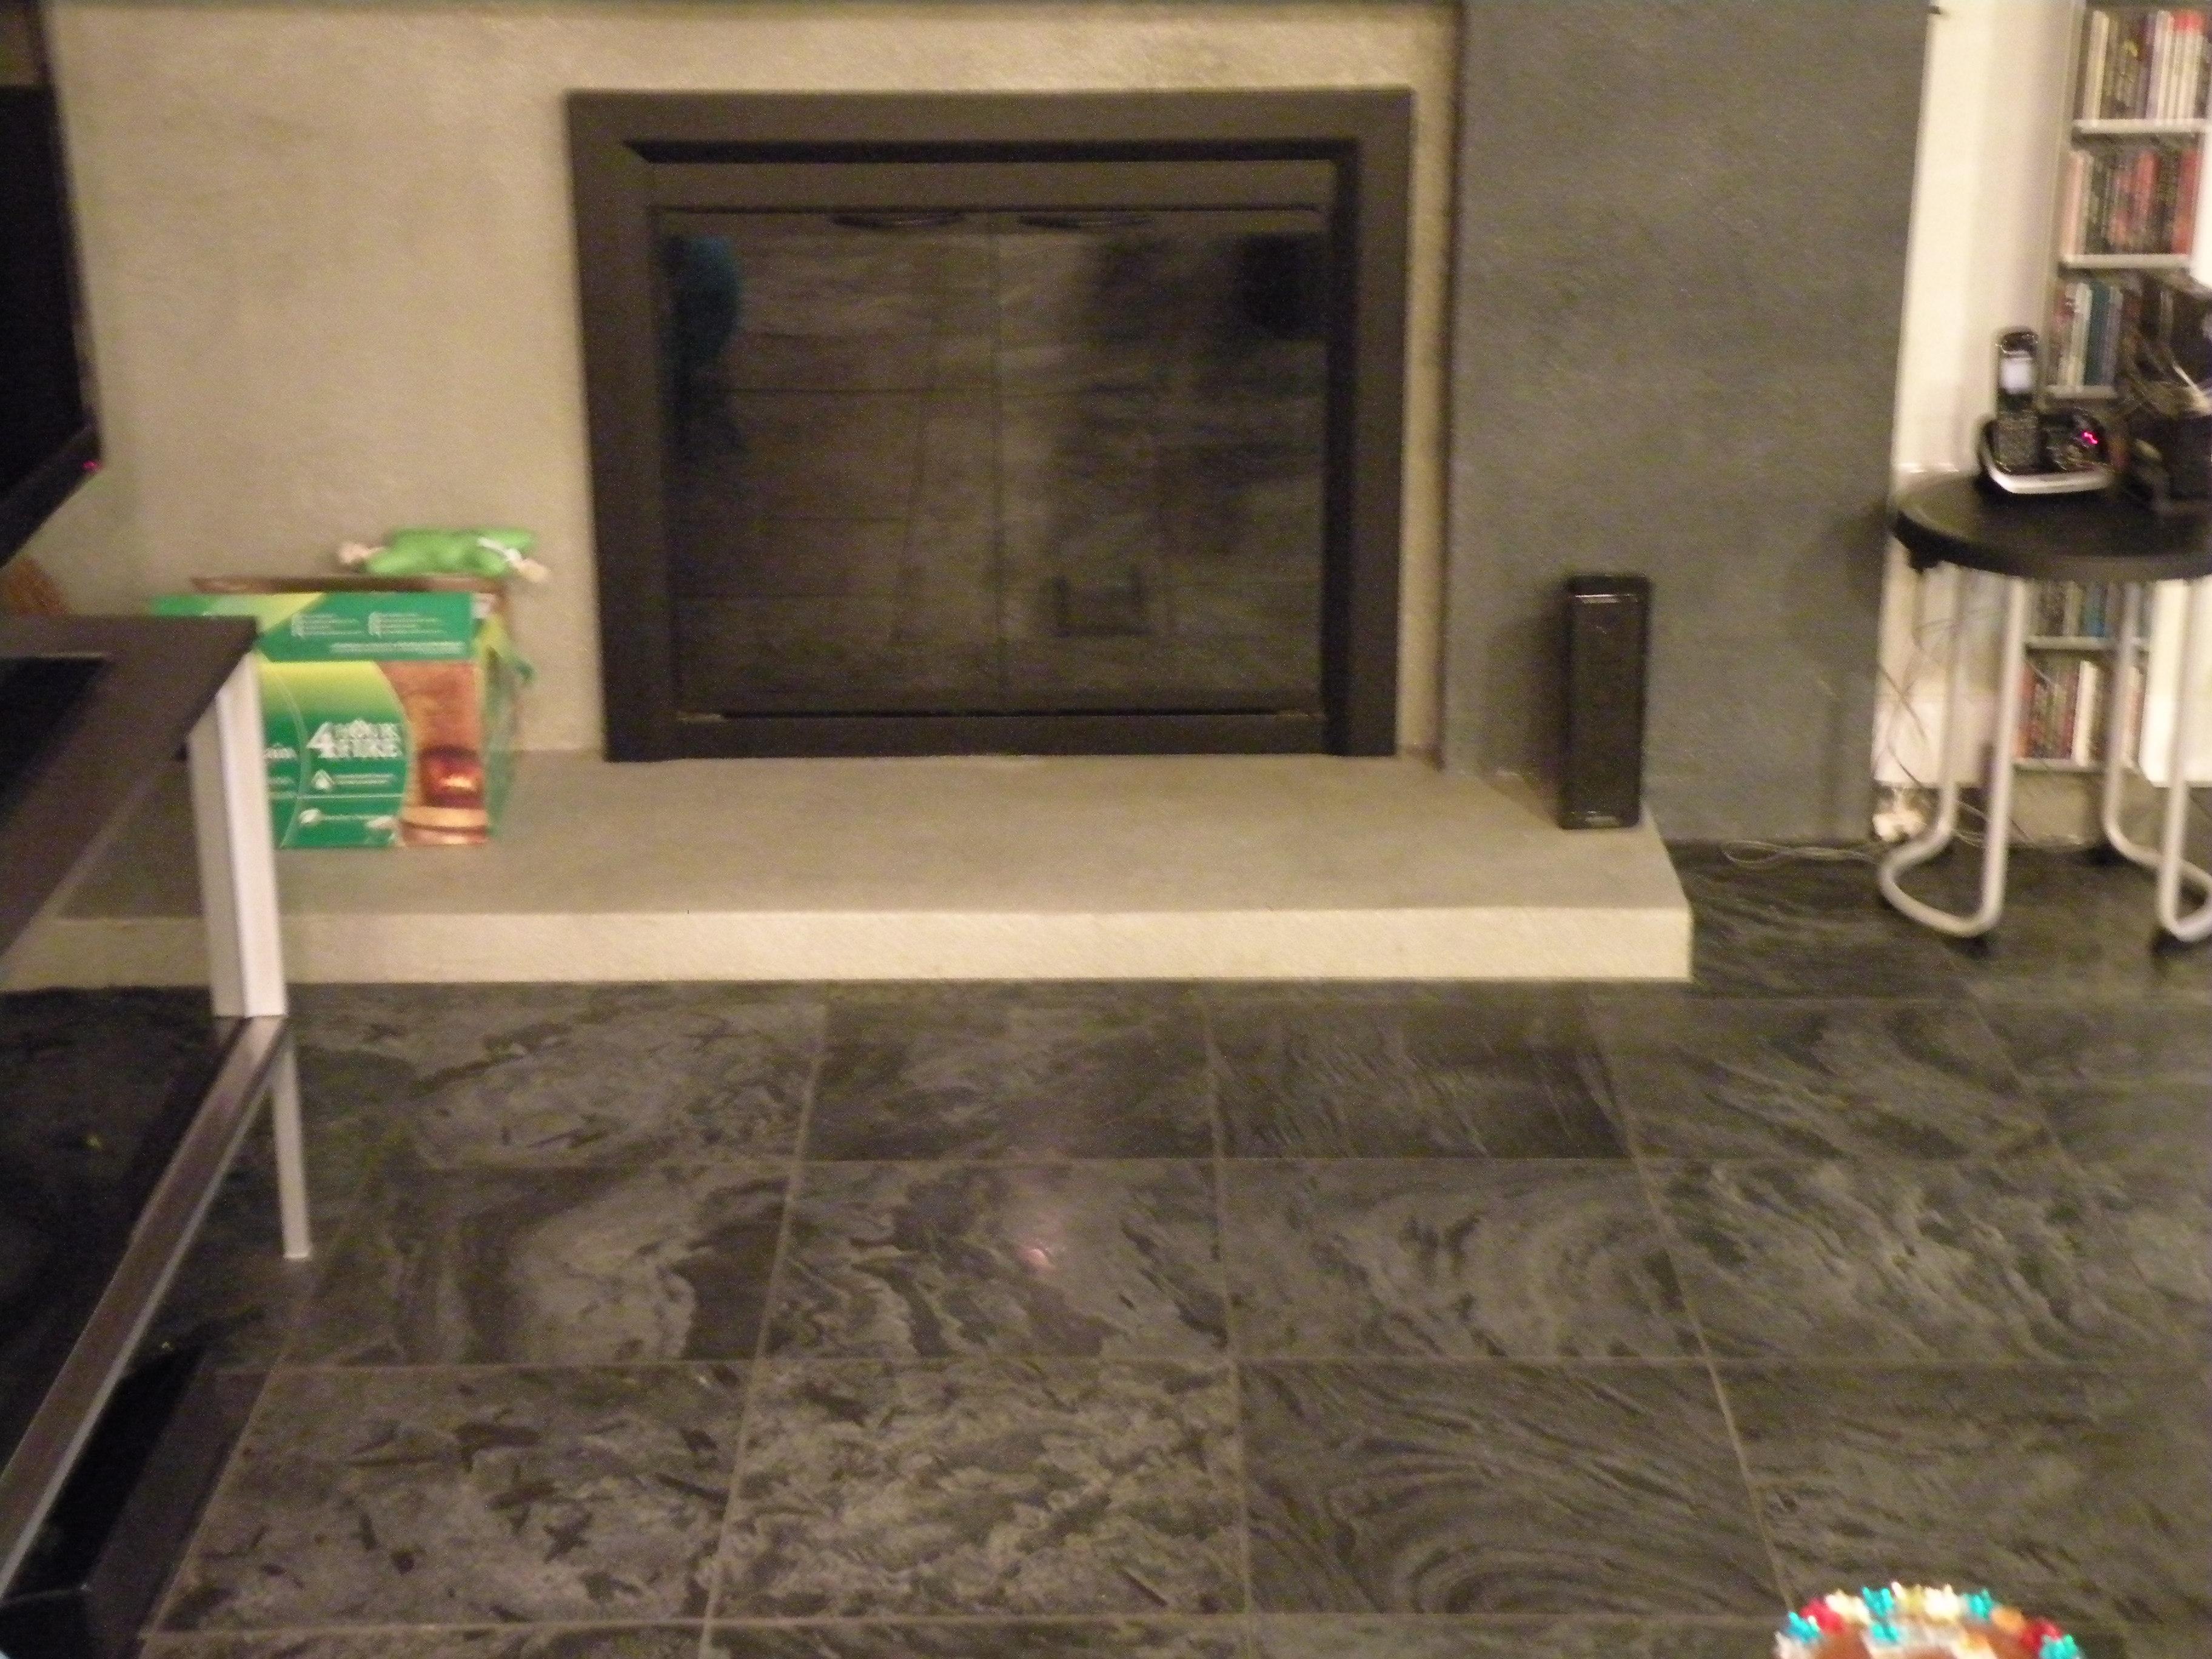 Floor Tiles Bathroom Floor Tiles Kitchen Floor Tiles Westside Tile And Stone